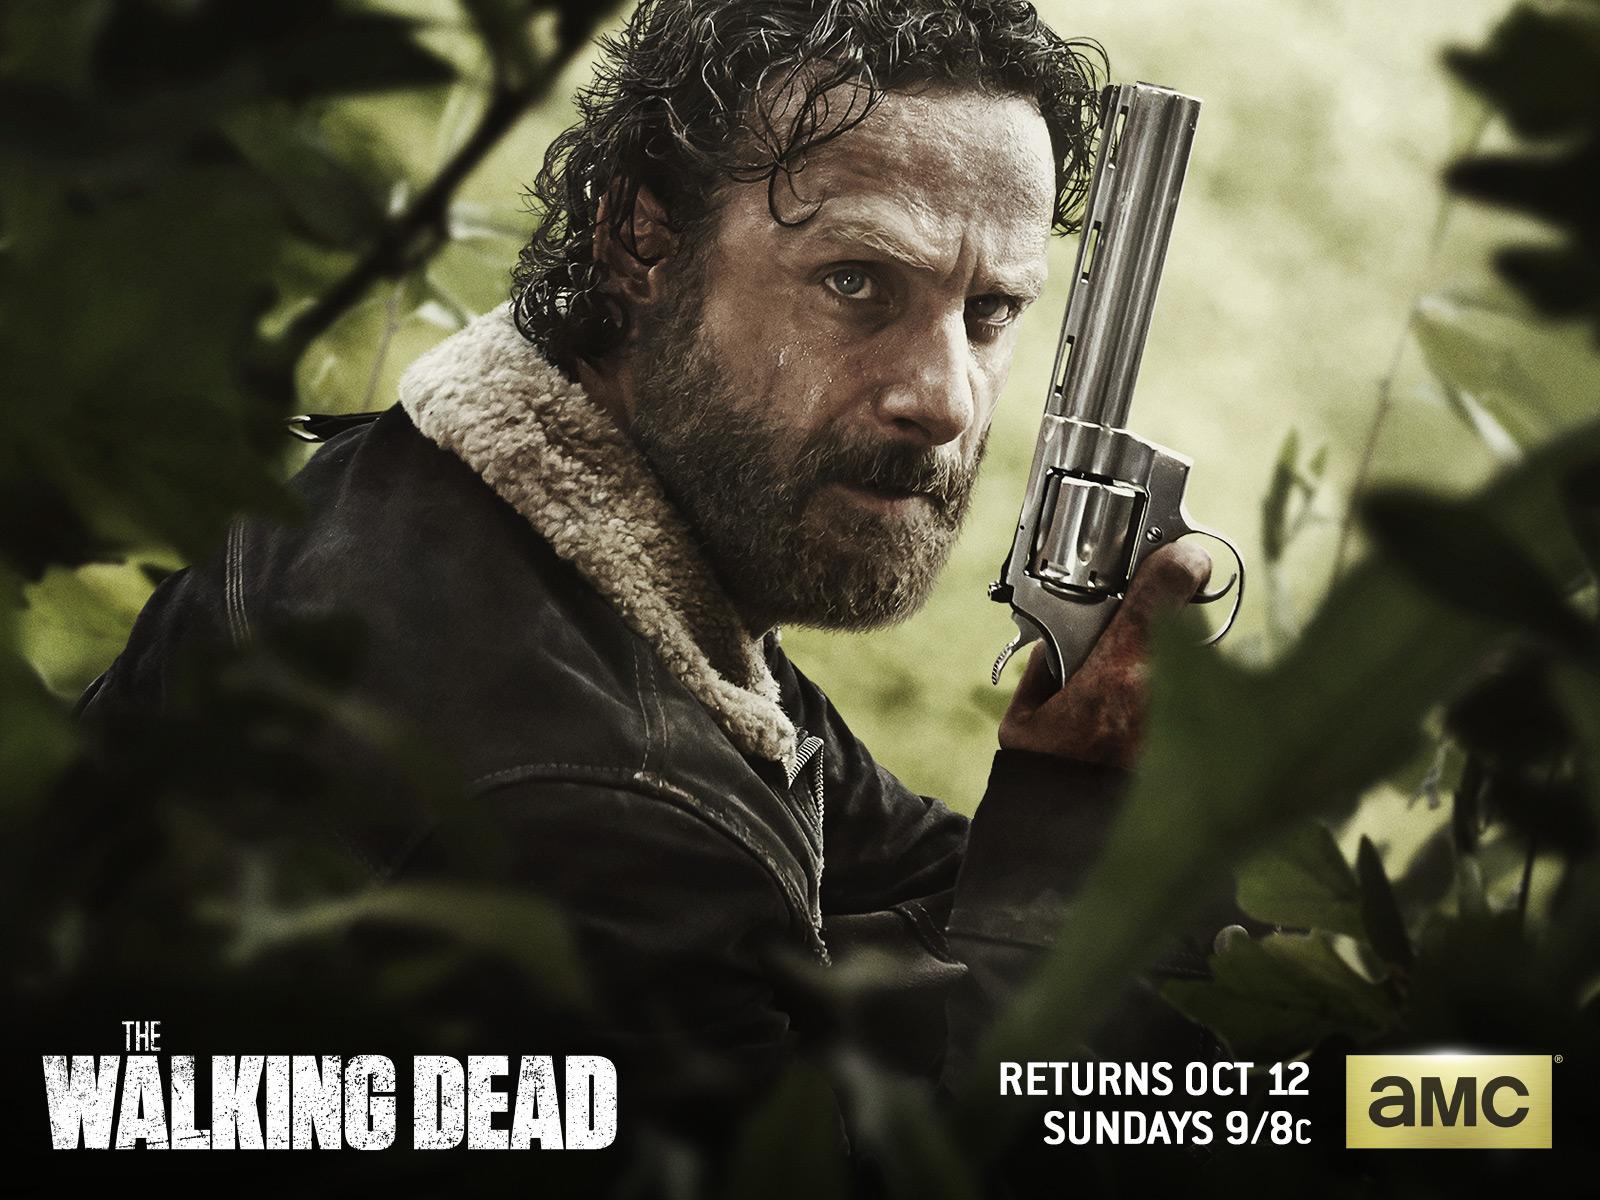 Rick Grimes The Walking Dead Wallpaper 37573072 Fanpop